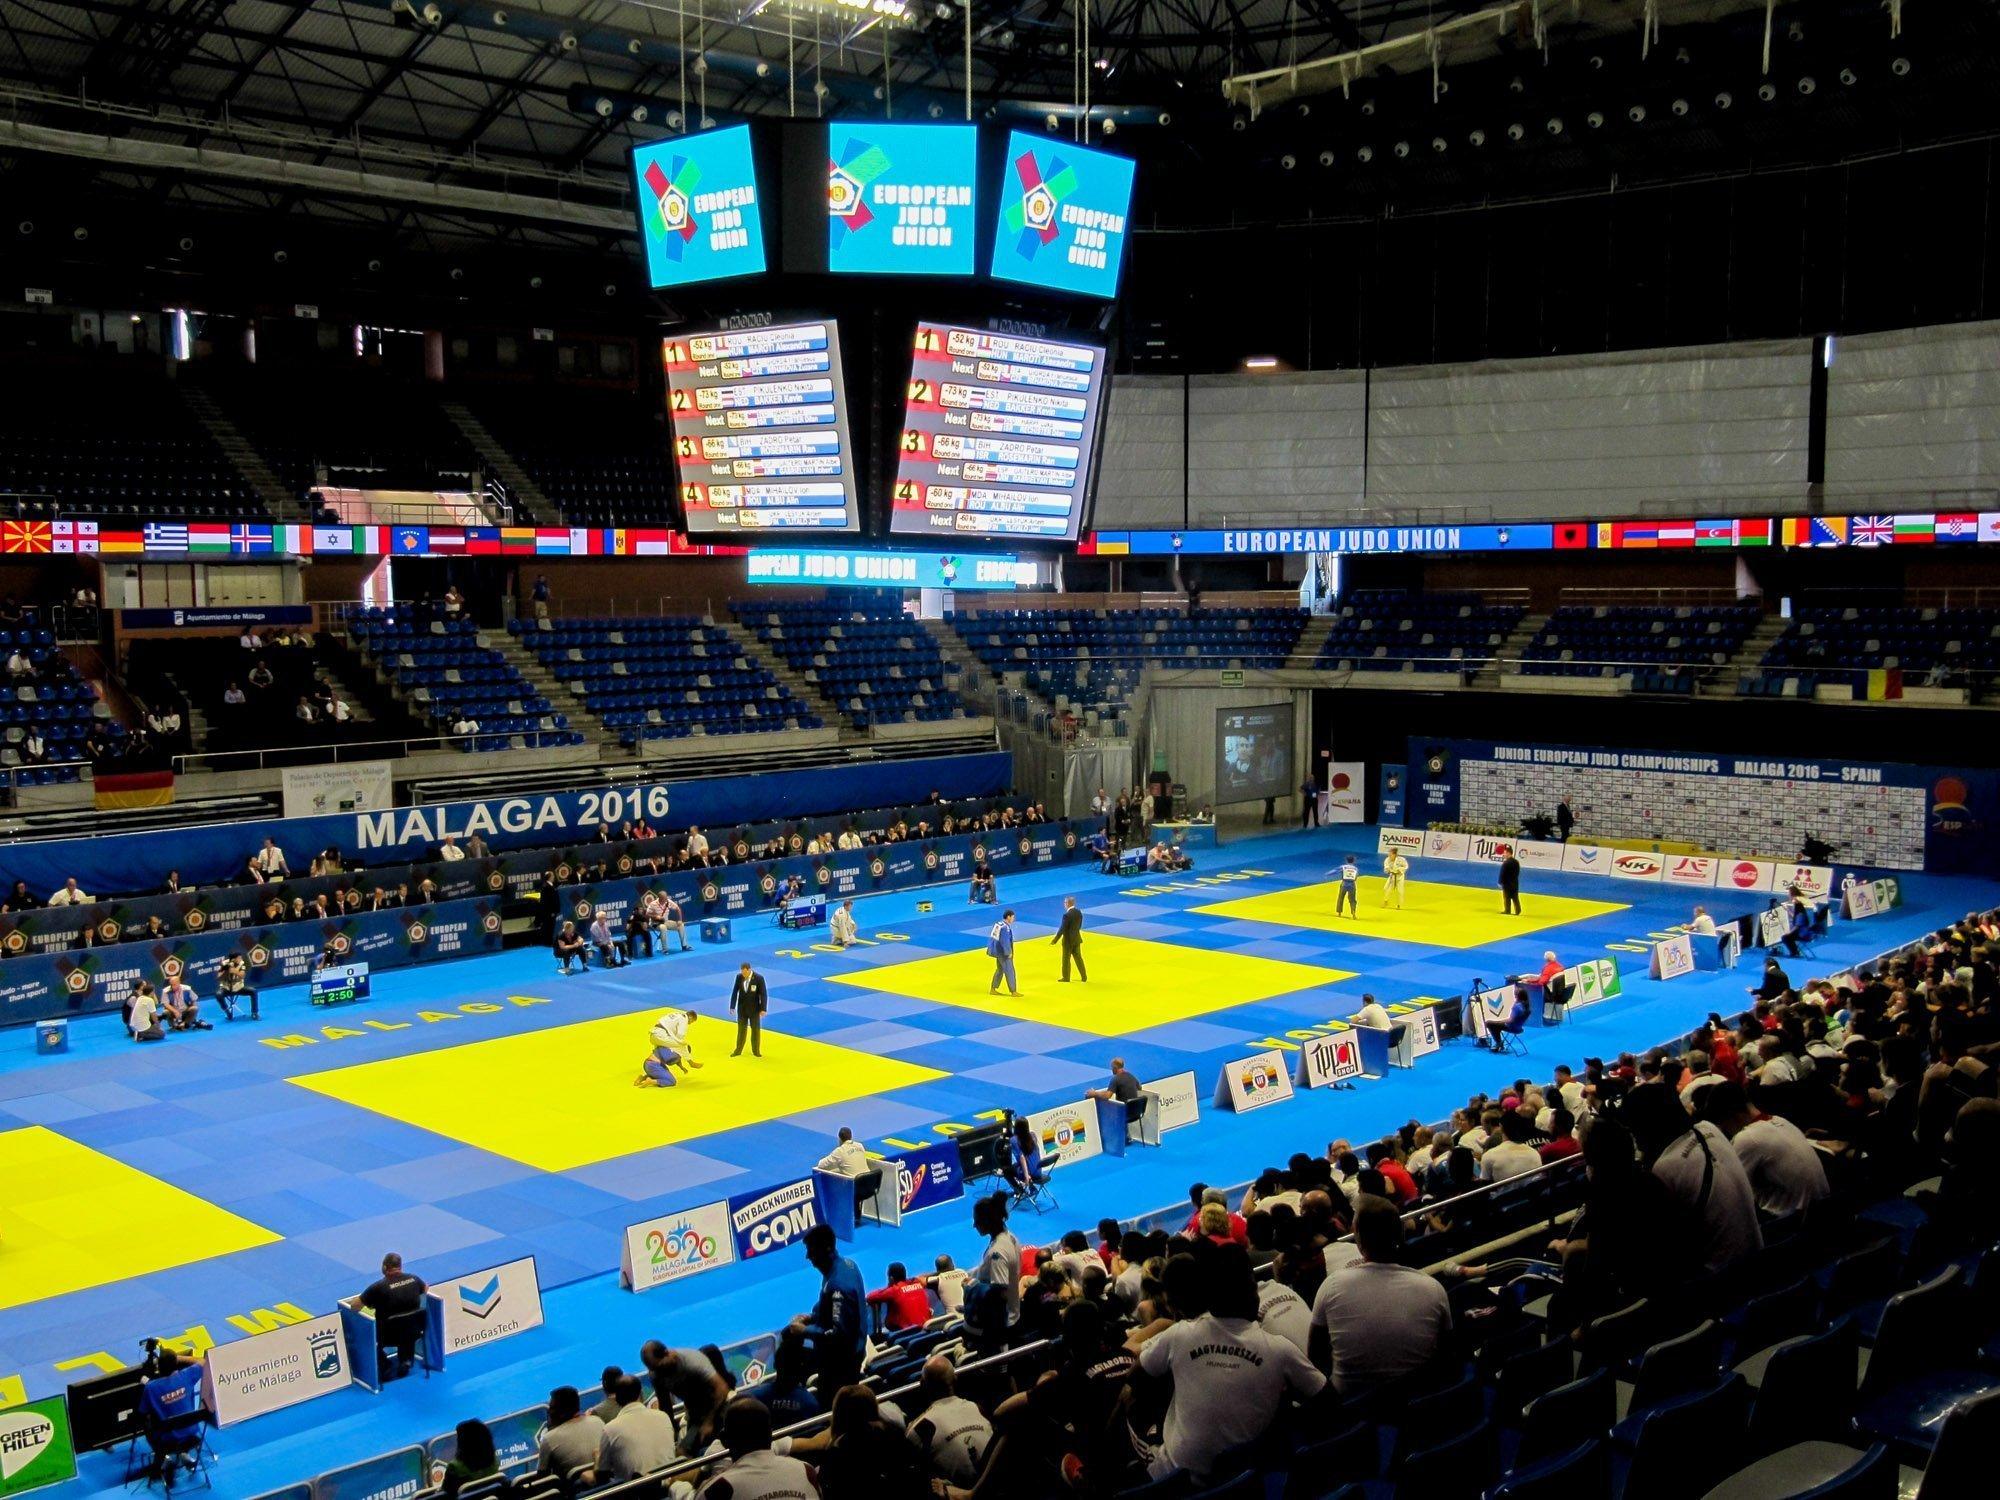 Palacio De Deportes Jose Mª Martin Carpena Malaga Deporte Y Eventos